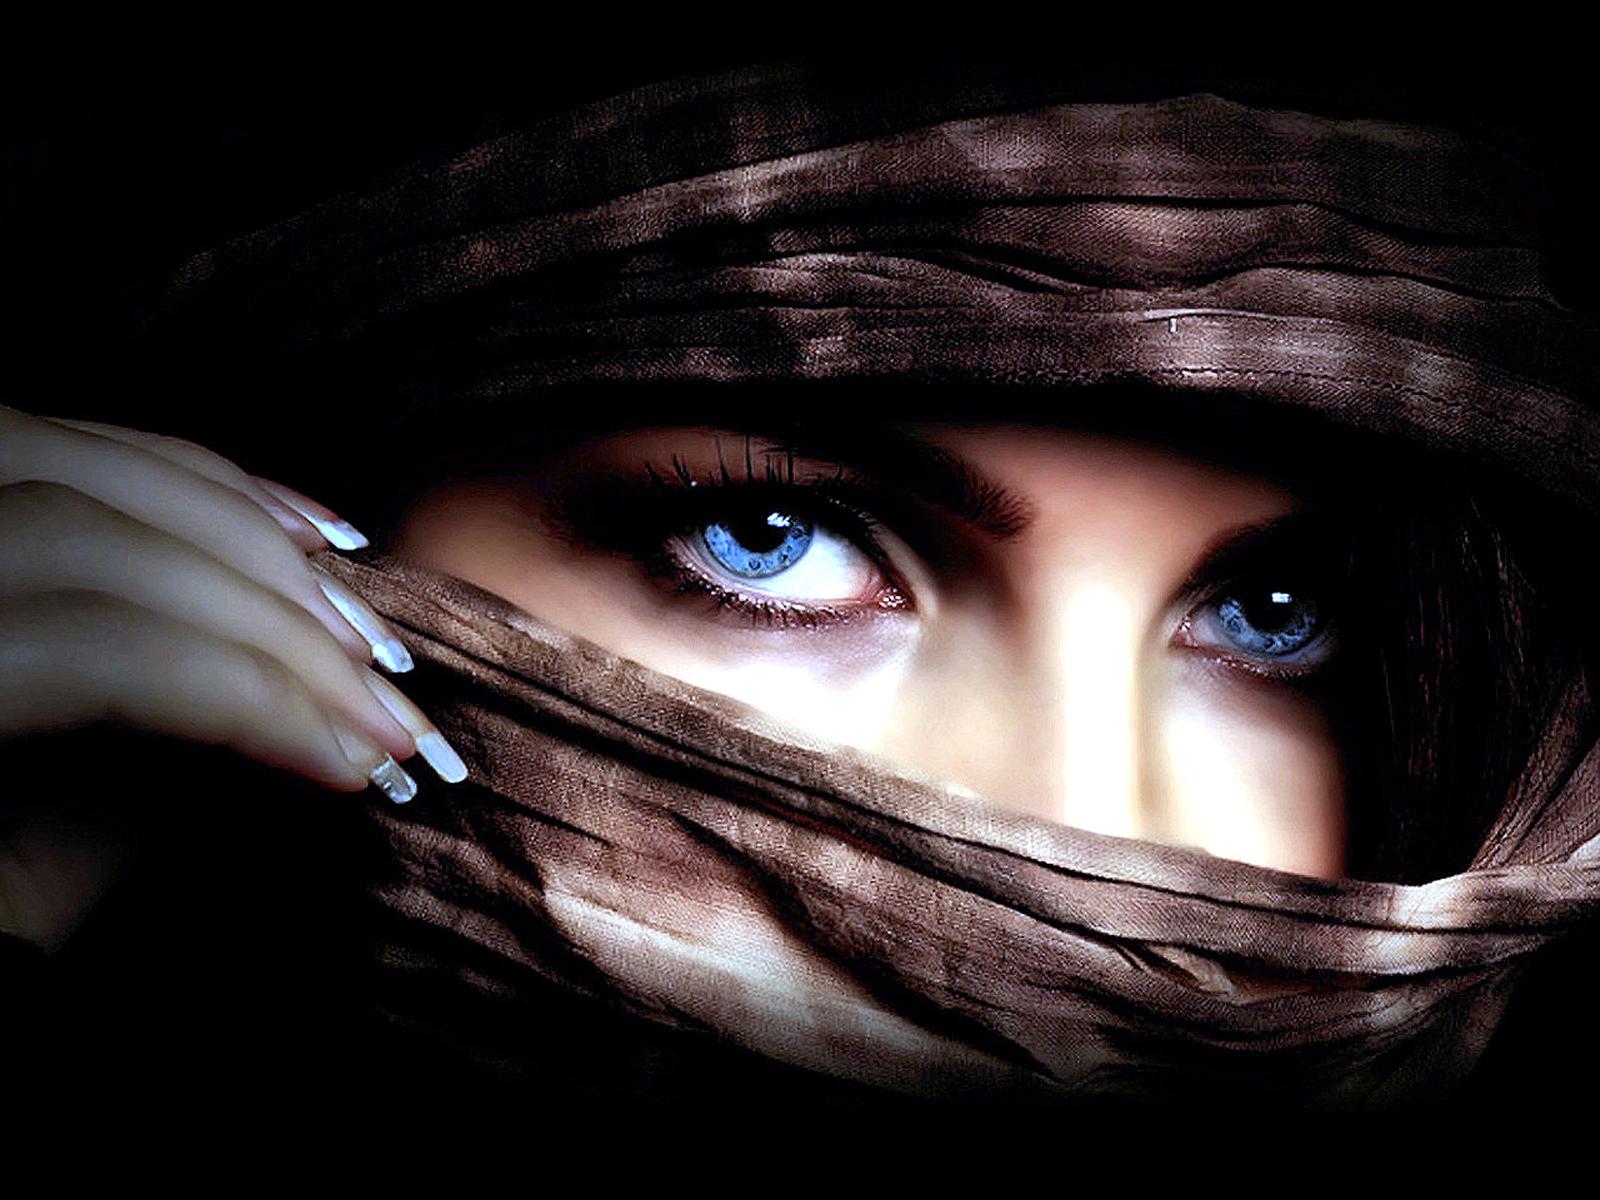 Vrouwen - Oog  Blue Eyes Wallpaper